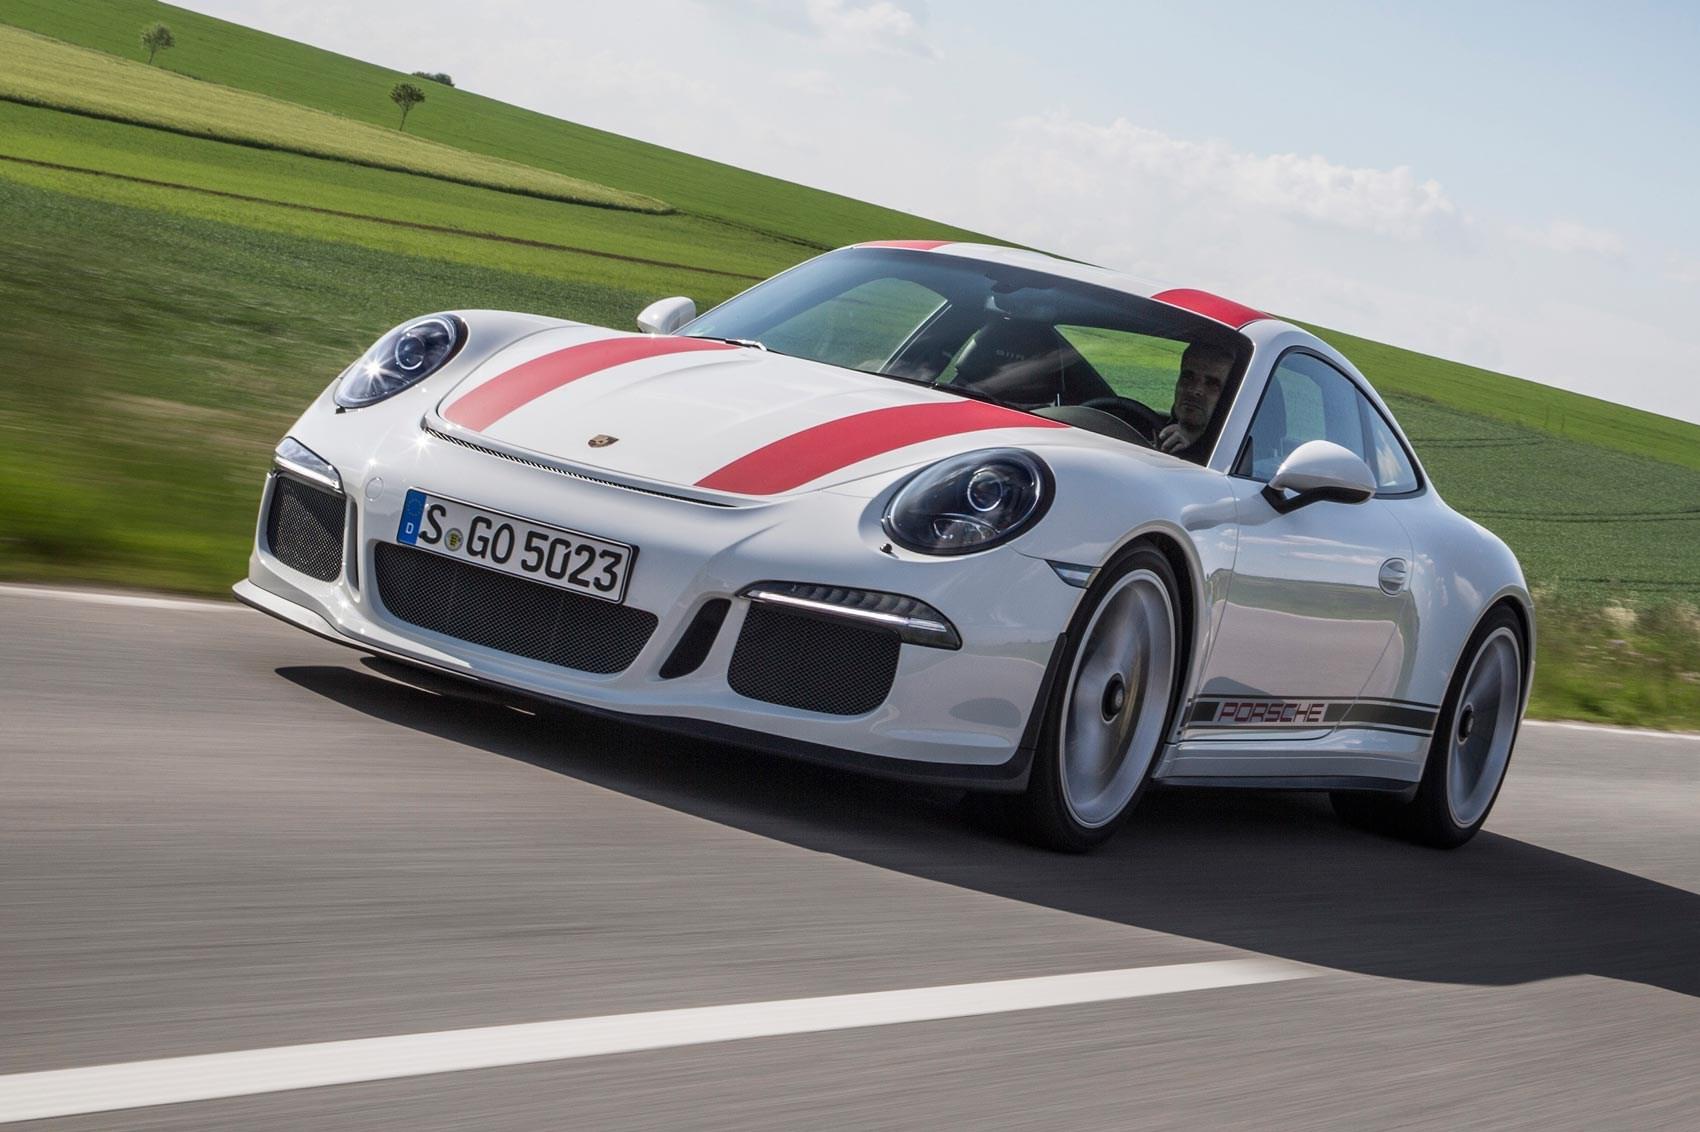 porscher-001 Exciting Porsche 911 Gt2 La Centrale Cars Trend